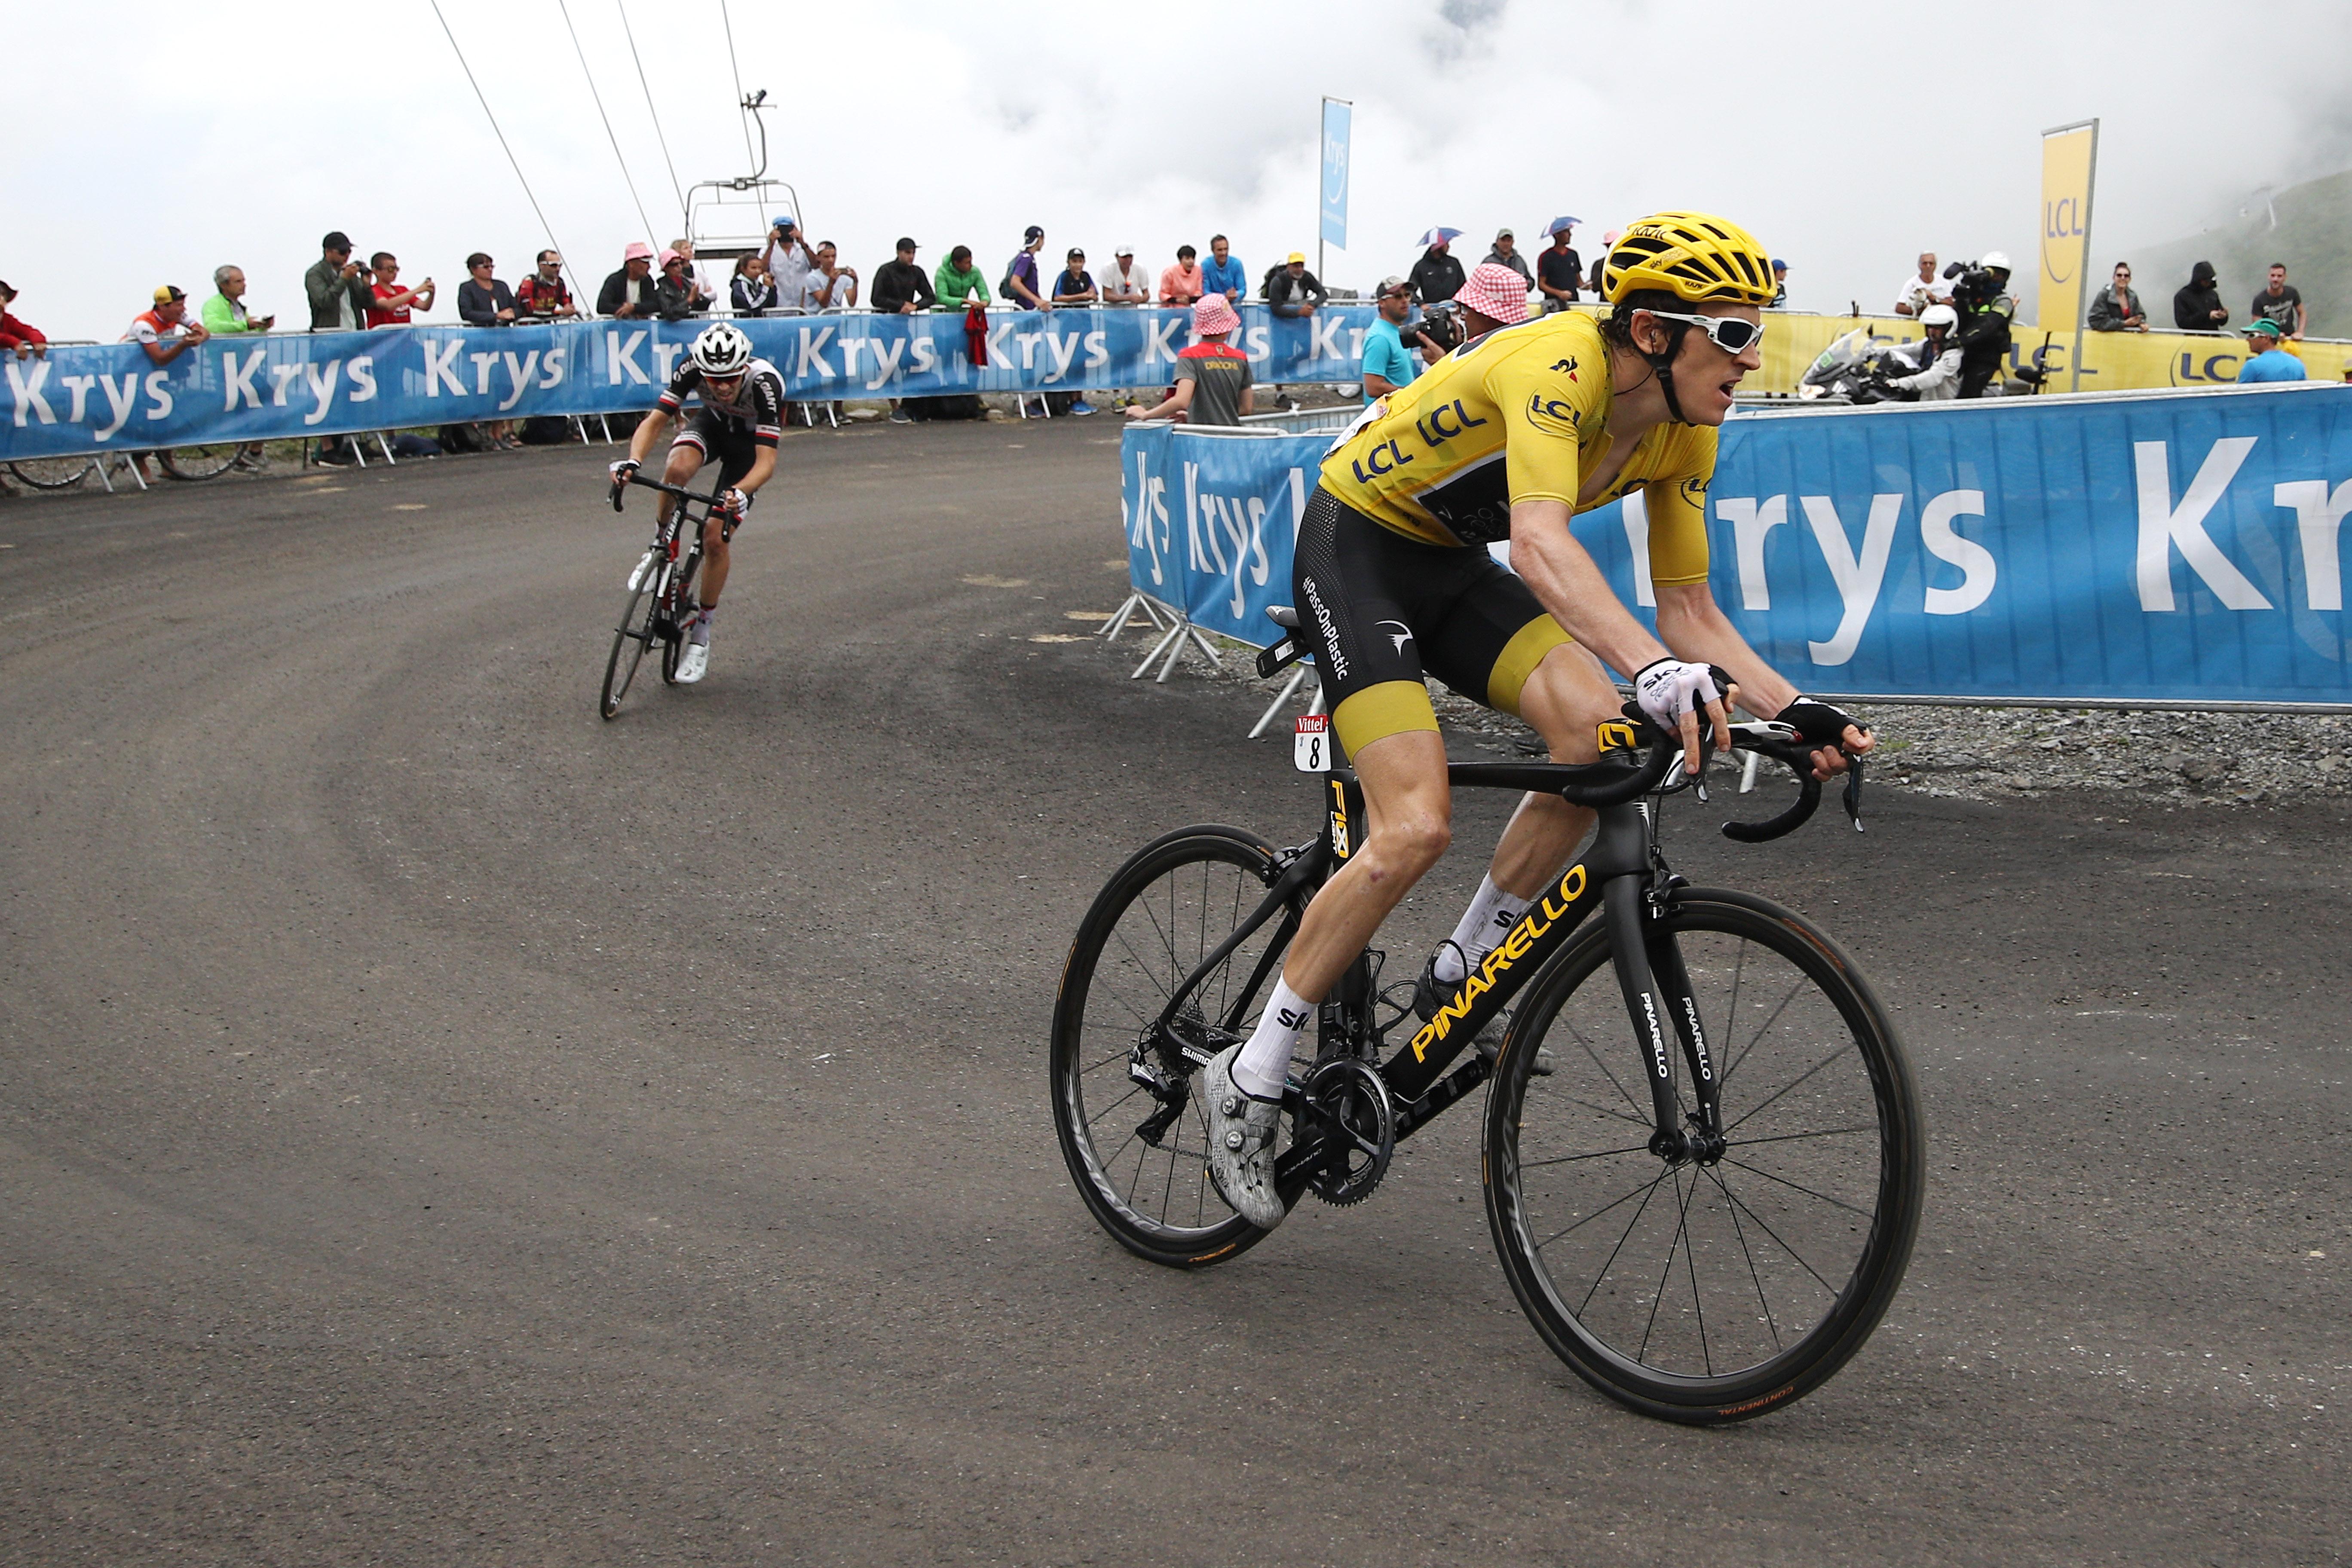 Thomas Dumoulin Col de Portet 2018 Tour stage 17